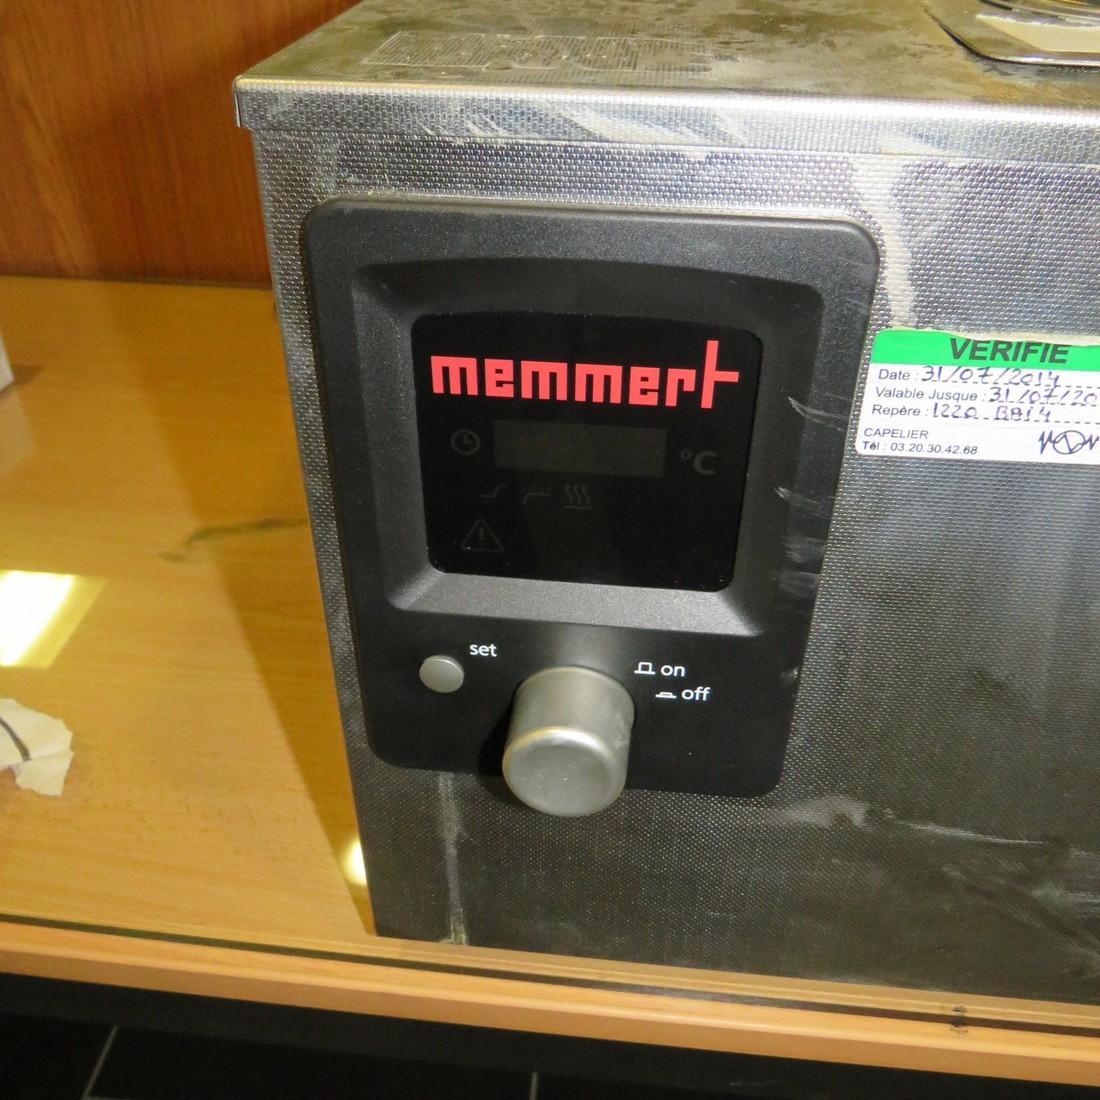 R1Z746 Bain marie MEMMERT